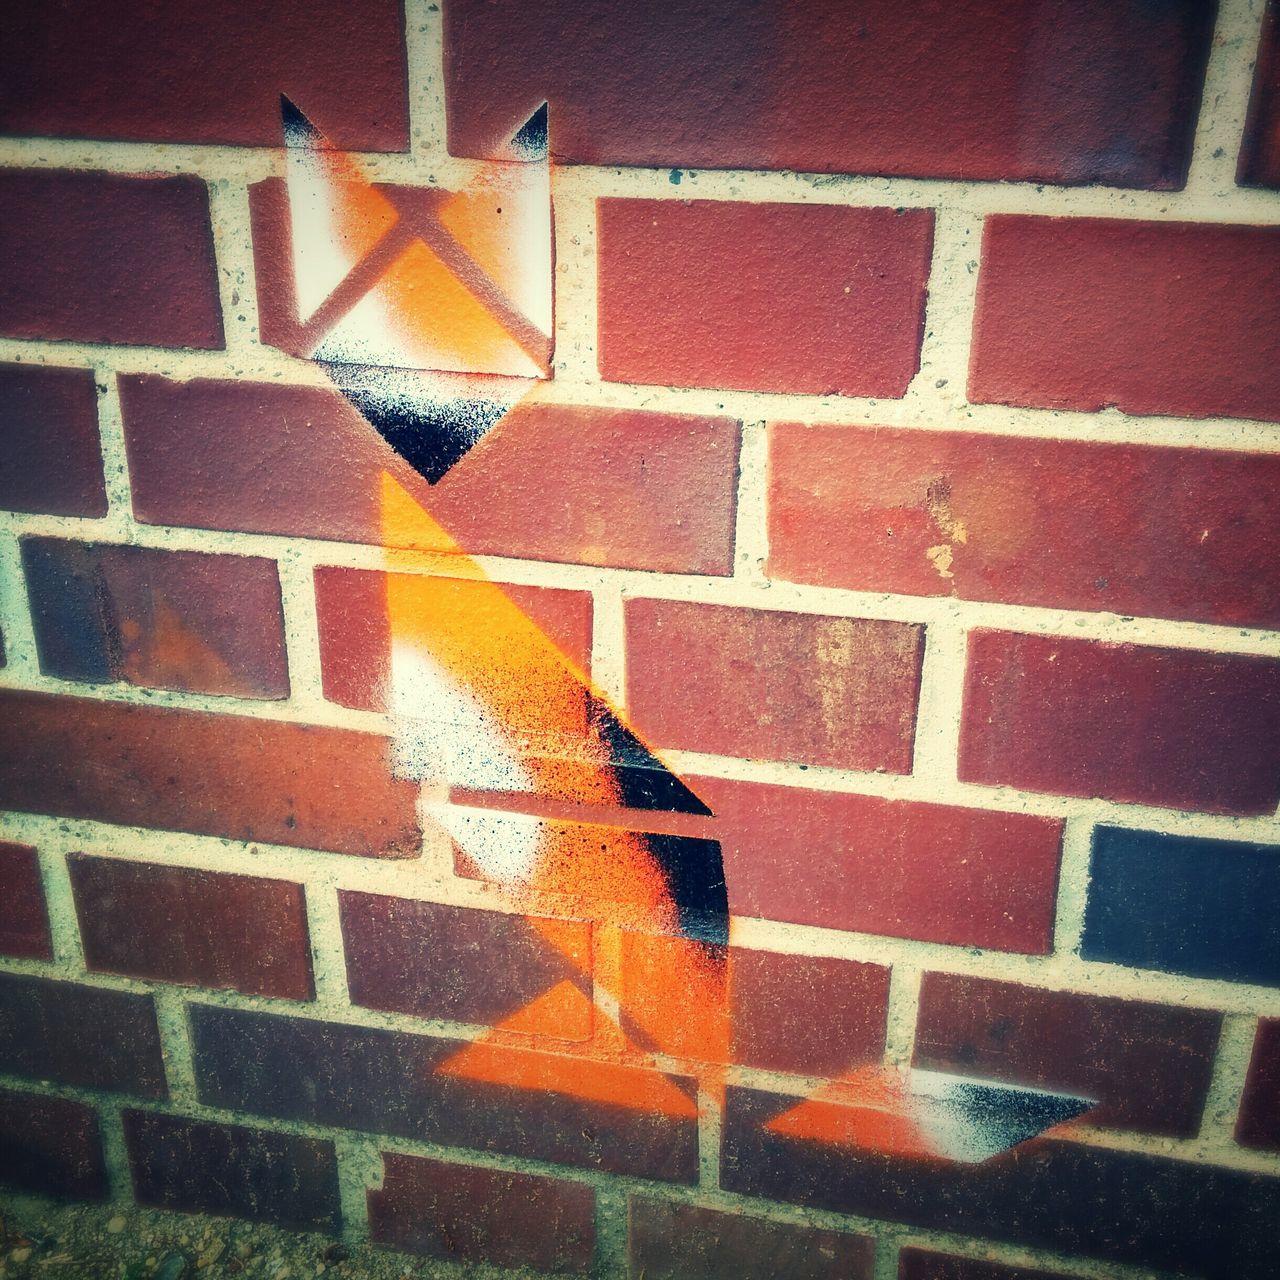 Fox Animals Graffiti Streetart Urban Geometry